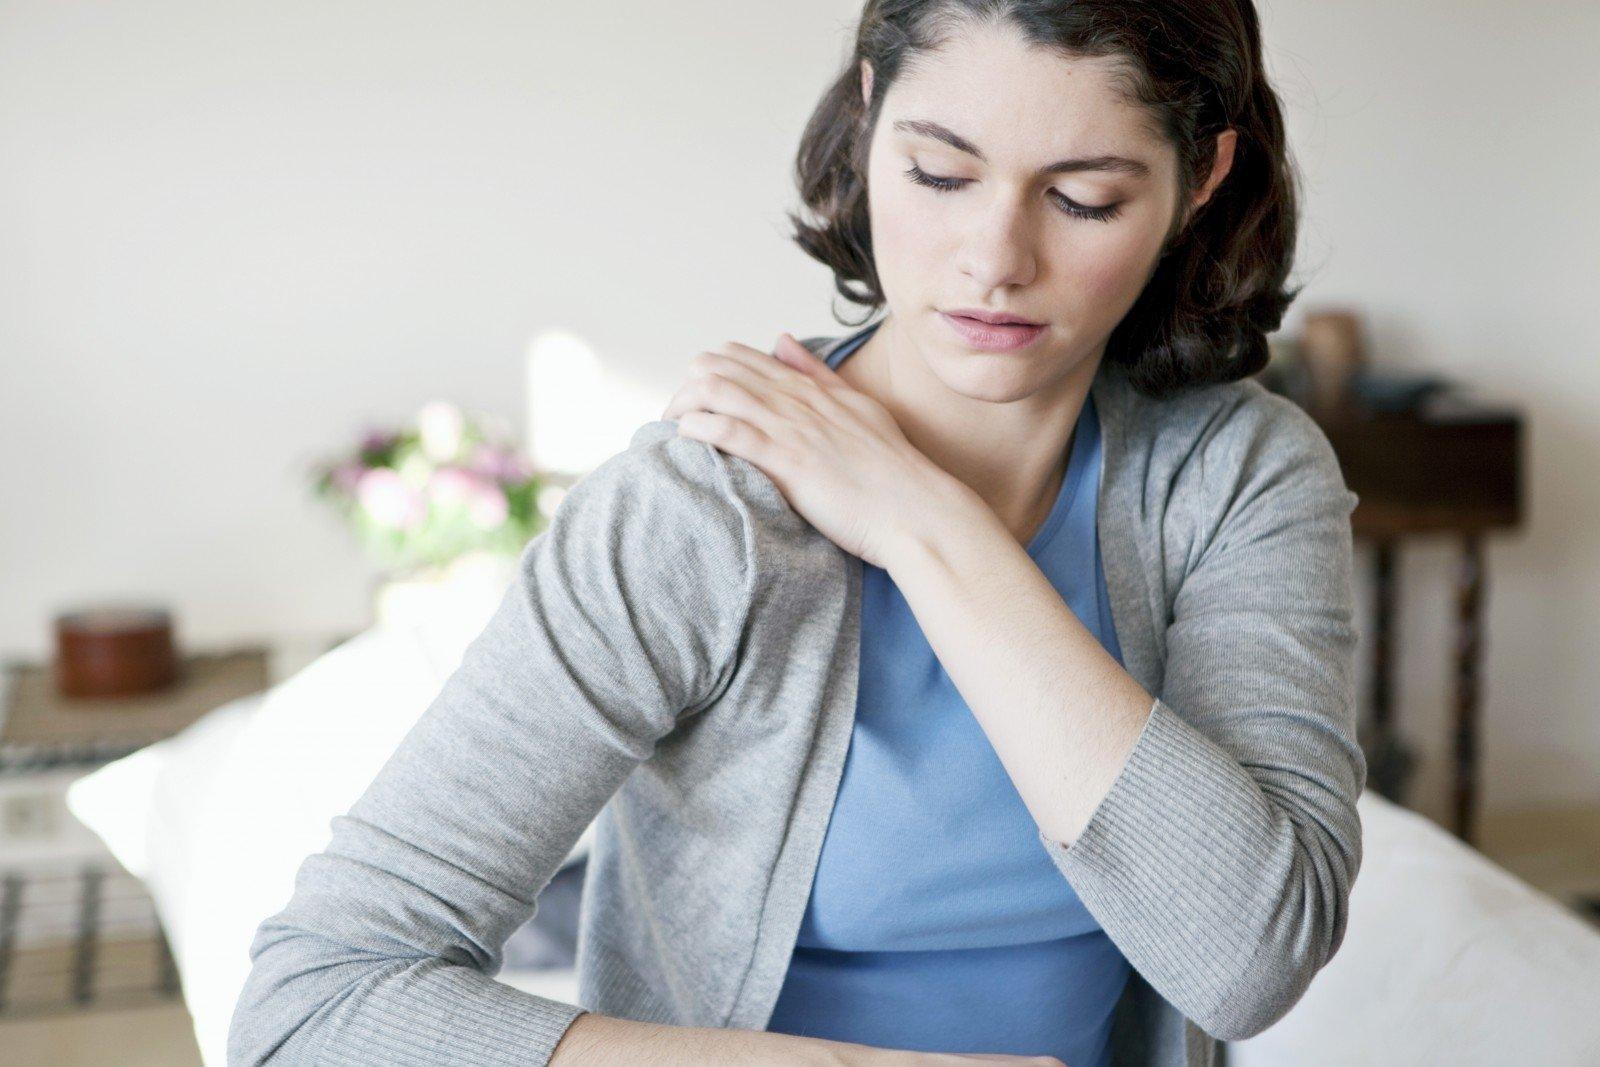 nykščio sąnarių skausmas rankos gydymas liaudies gynimo